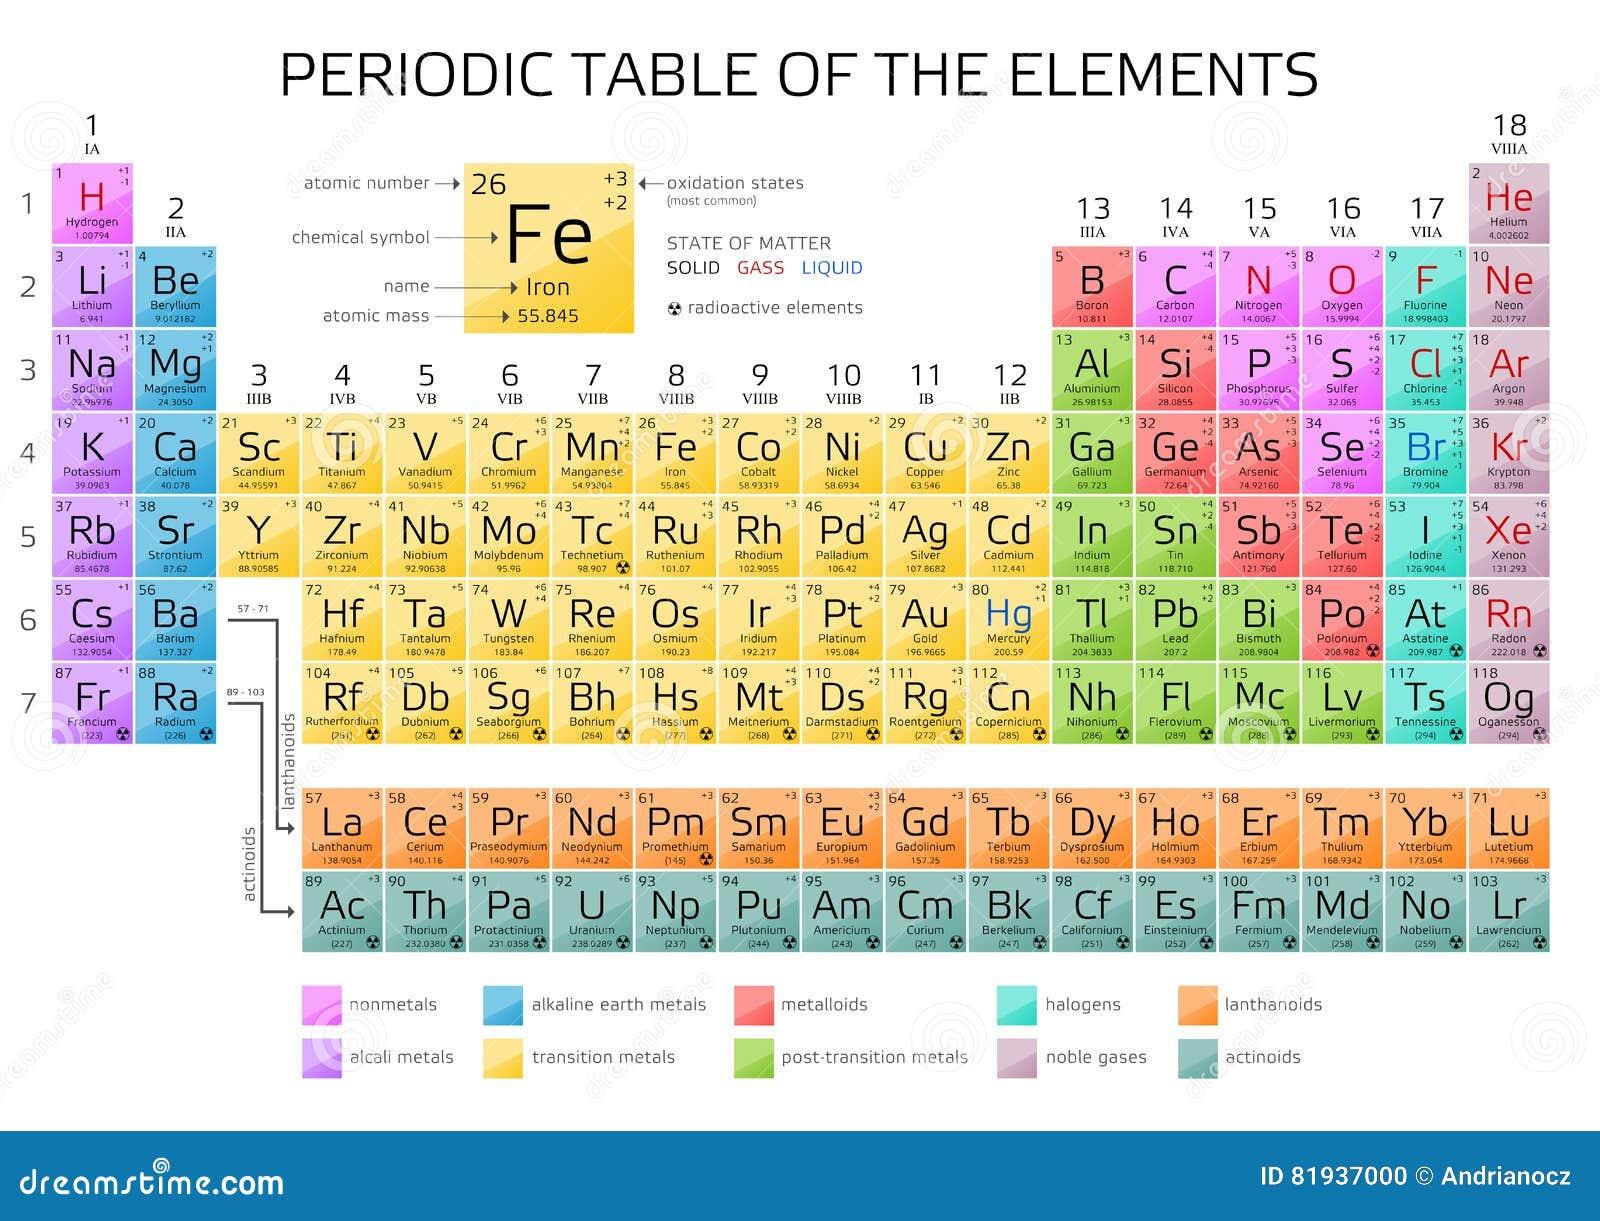 Tavola periodica degli elementi del s di mendeleev con i nuovi elementi 2016 illustrazione di - Tavola periodica degli elementi pdf ...